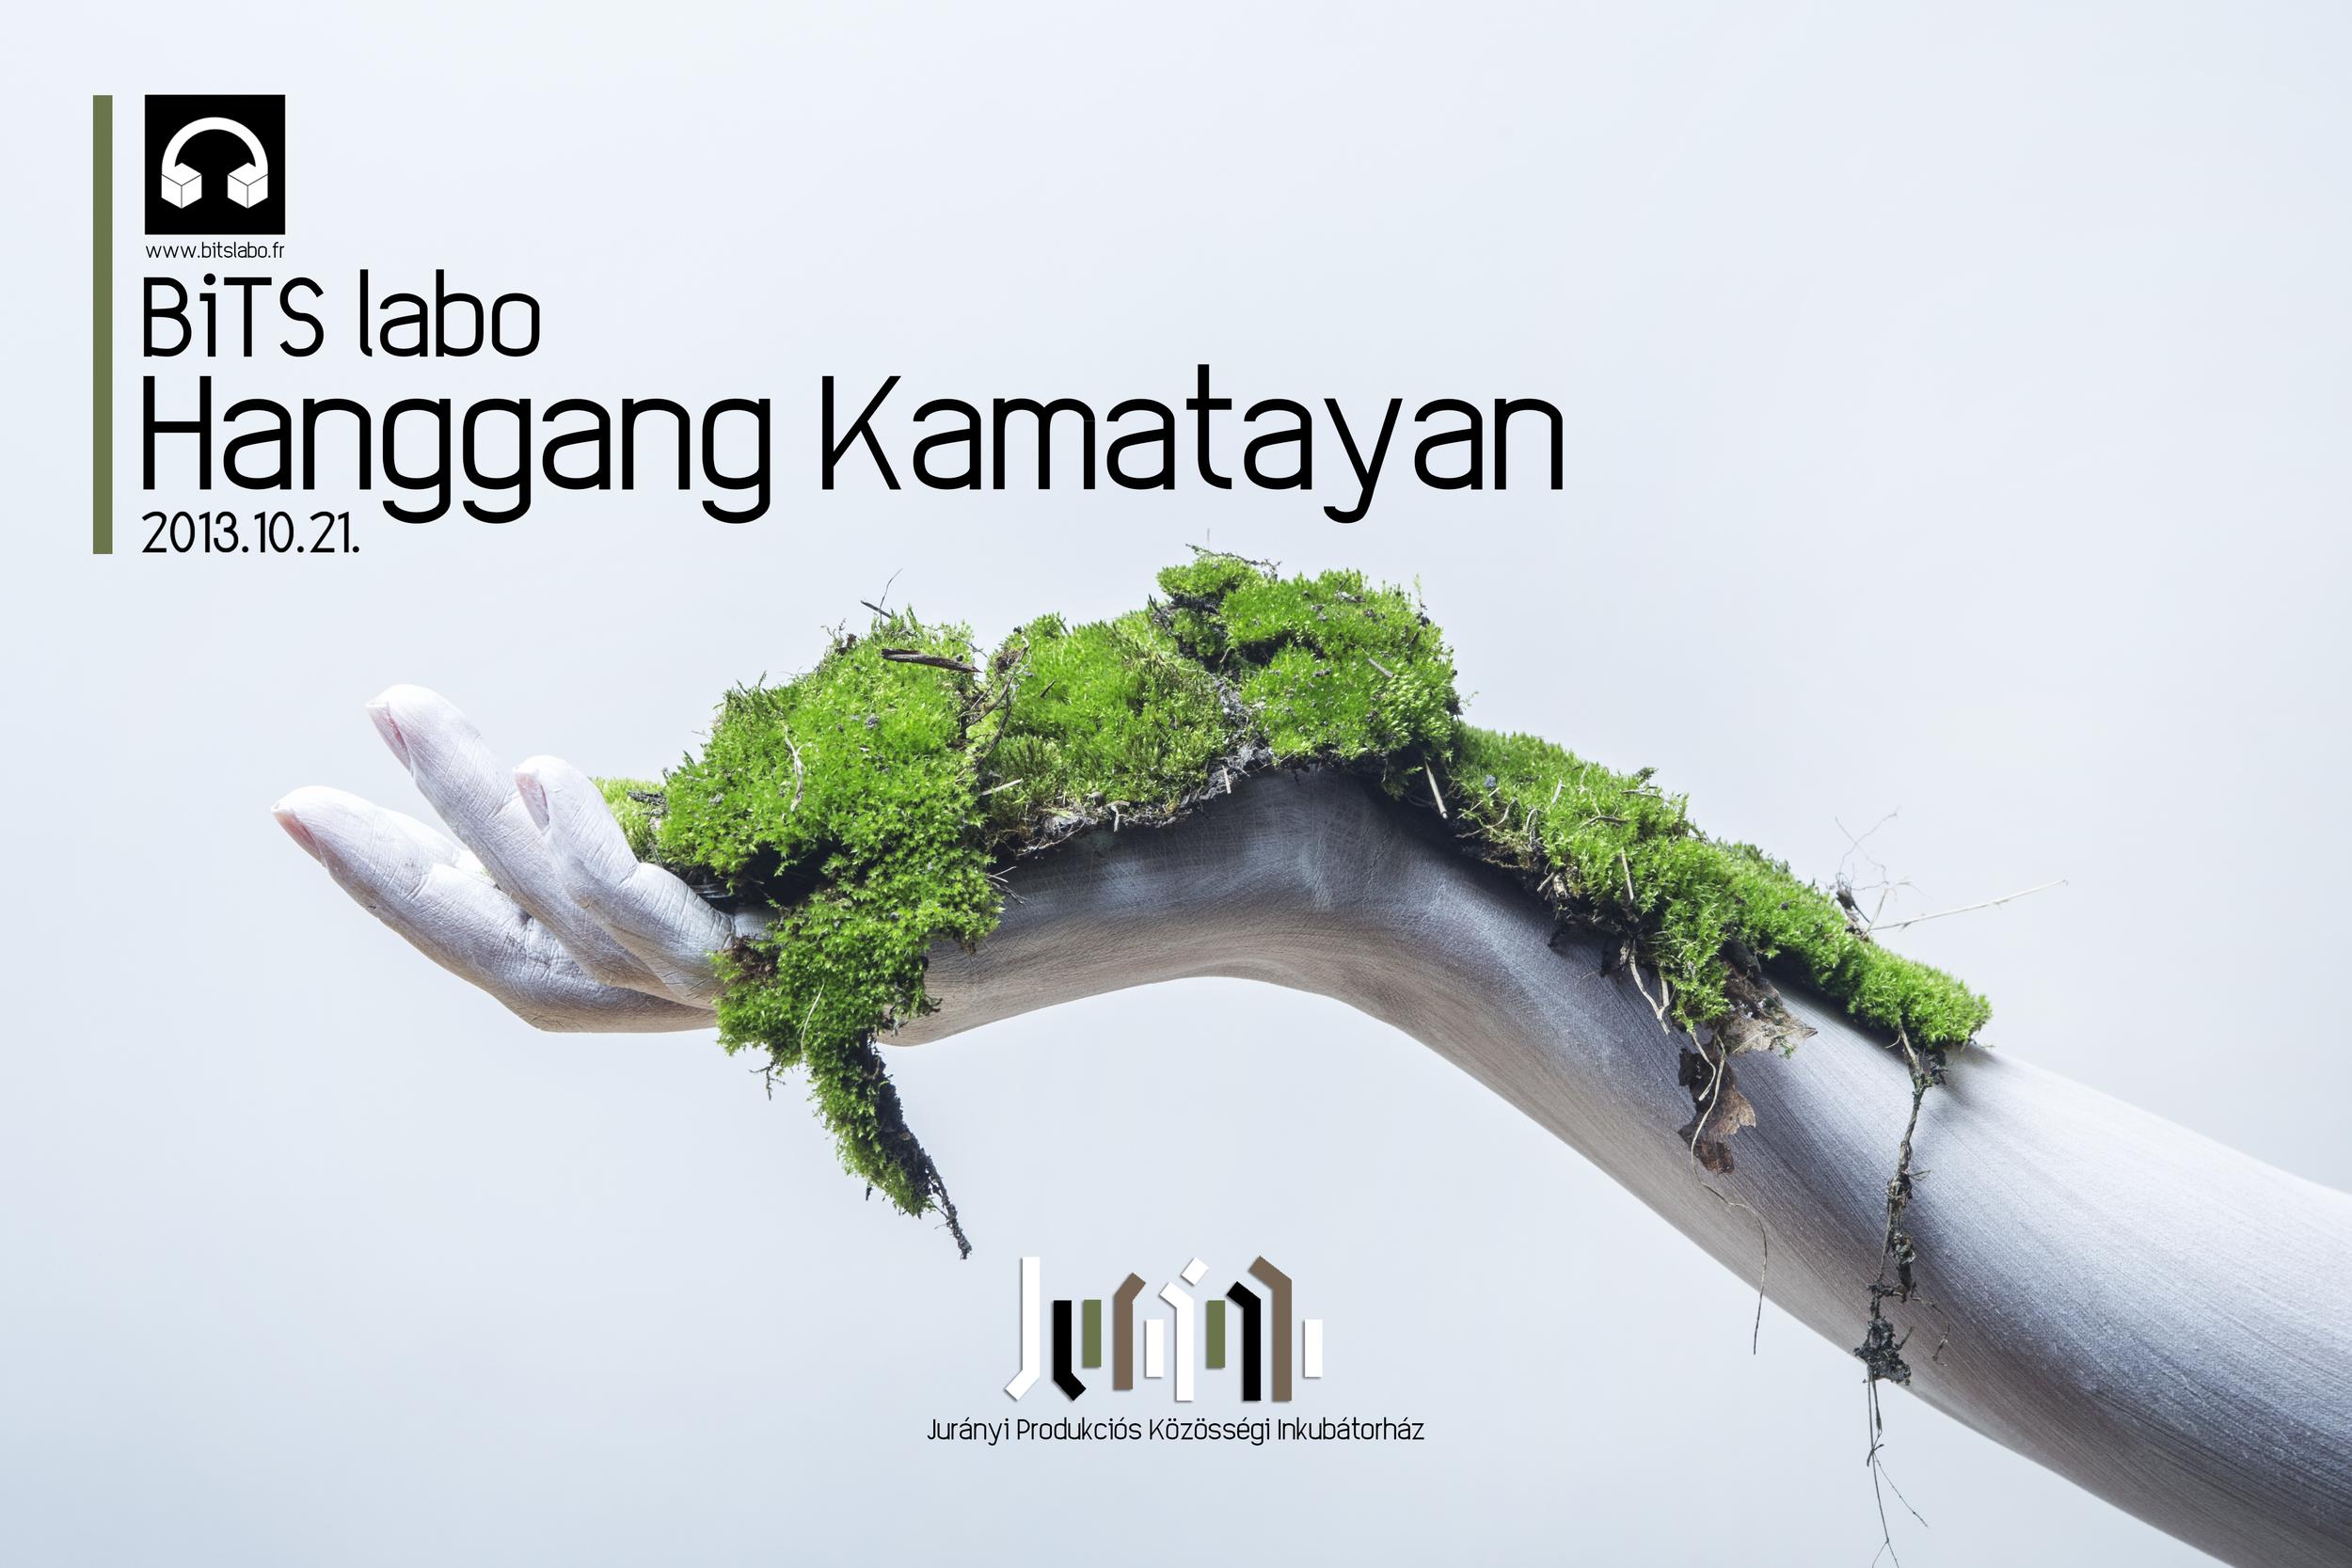 BiTS labo_Hanggang Kamatayan_02.jpg